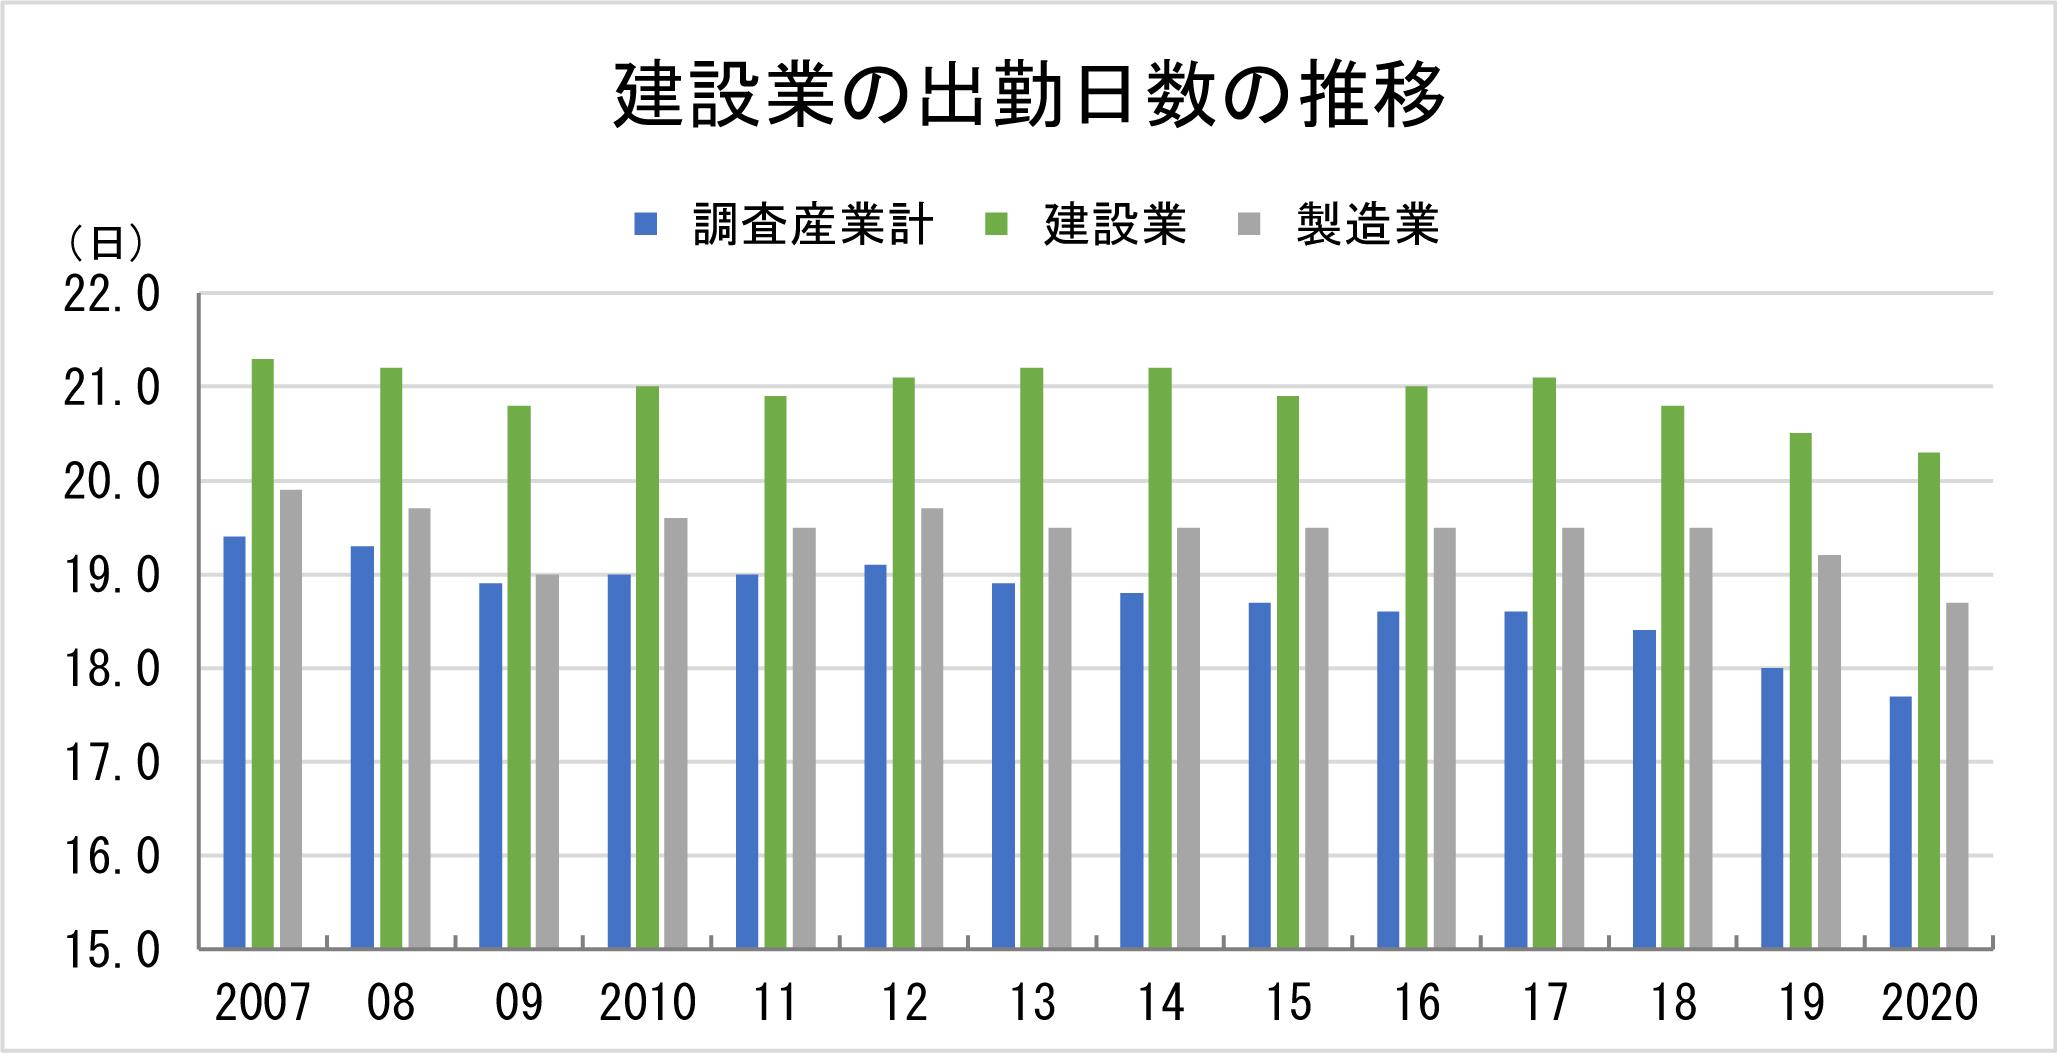 ①-2 建設業の出勤日数の推移